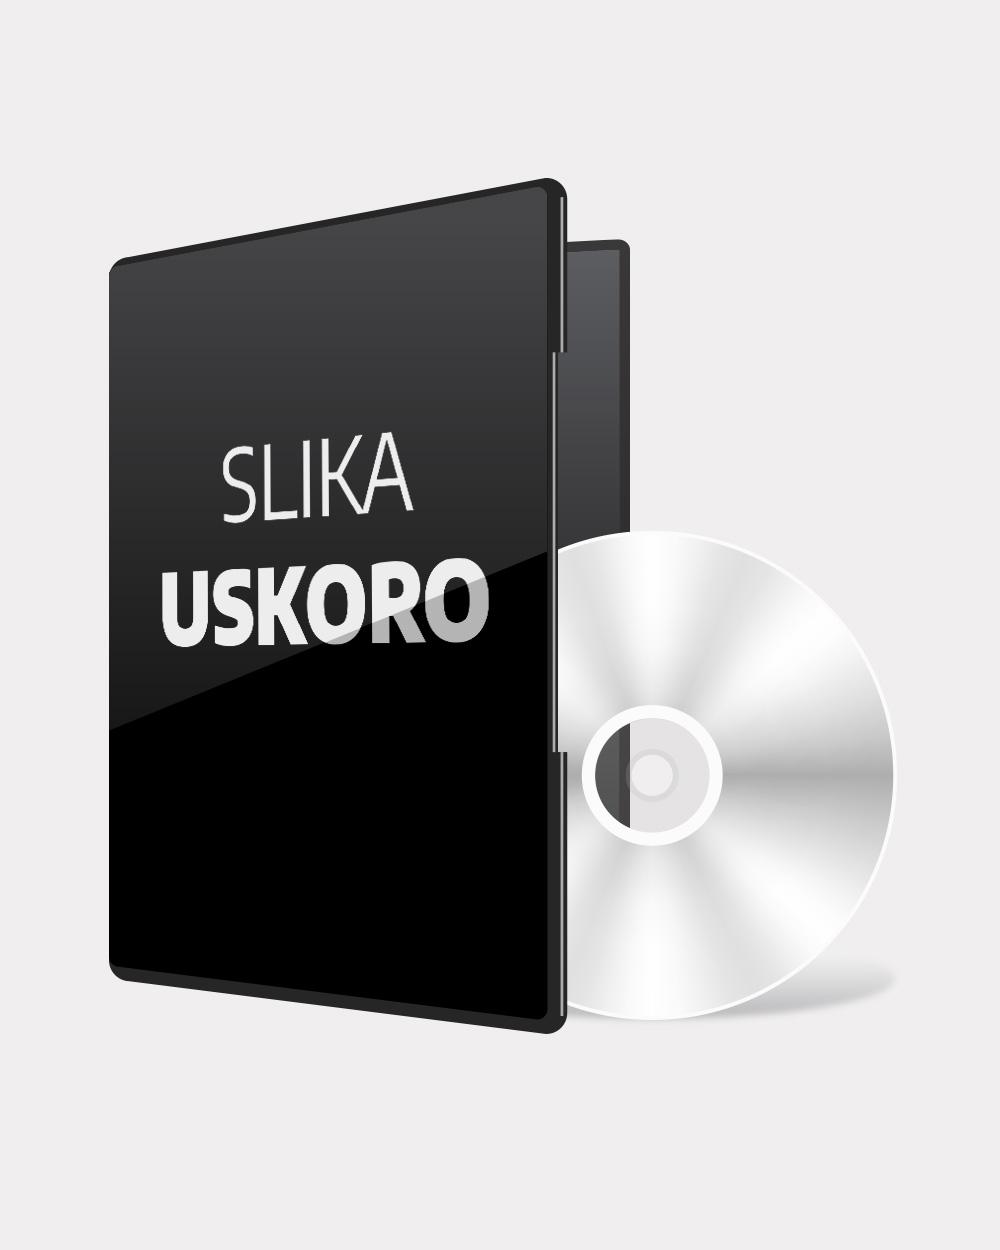 PS4 Steins Gate Elite